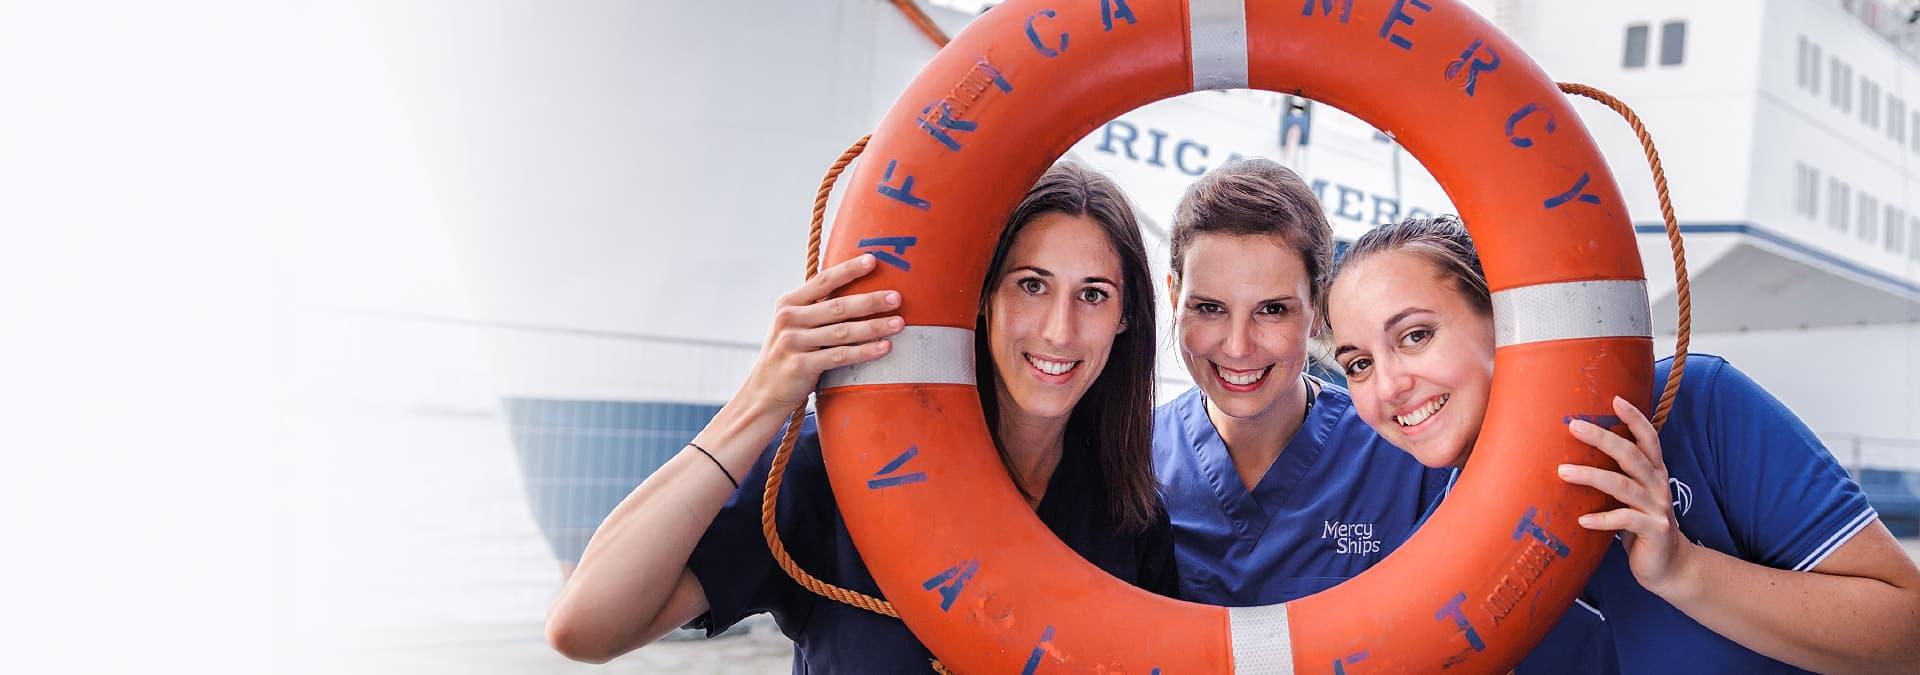 Portrait Krankenschwestern Rettungsring